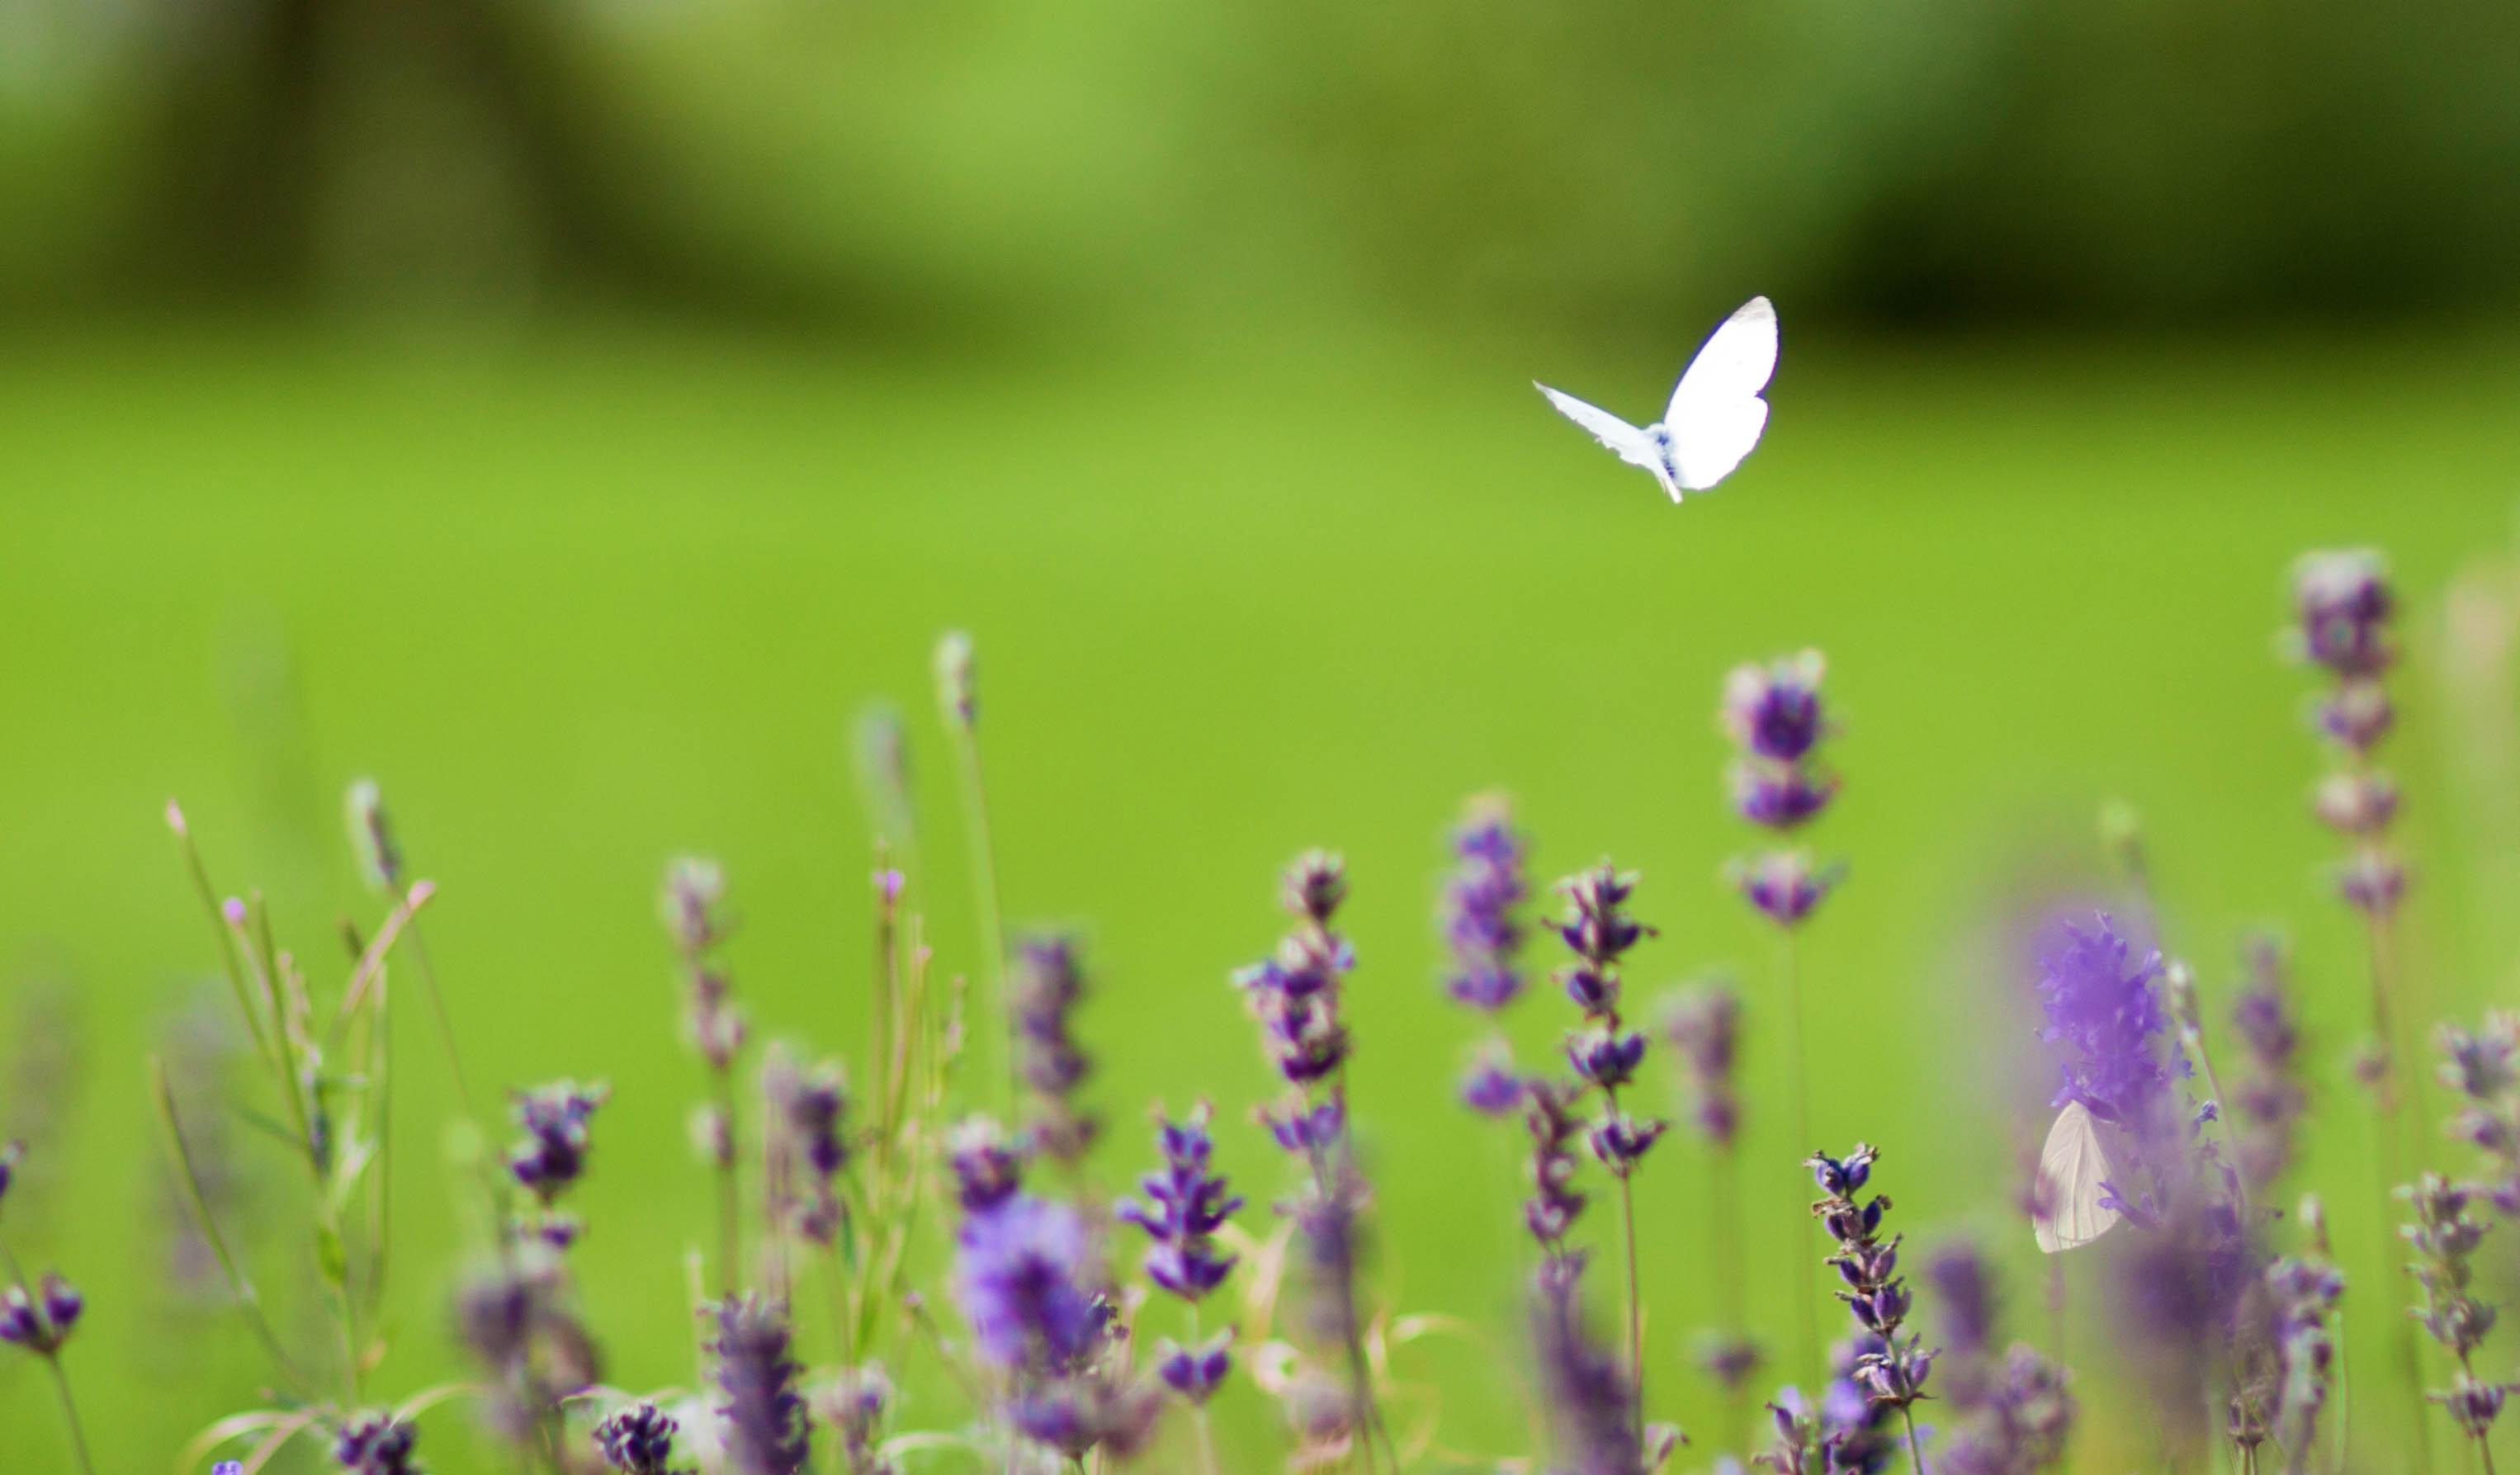 Ma da queste profonde ferite usciranno farfalle libere Alda Merini